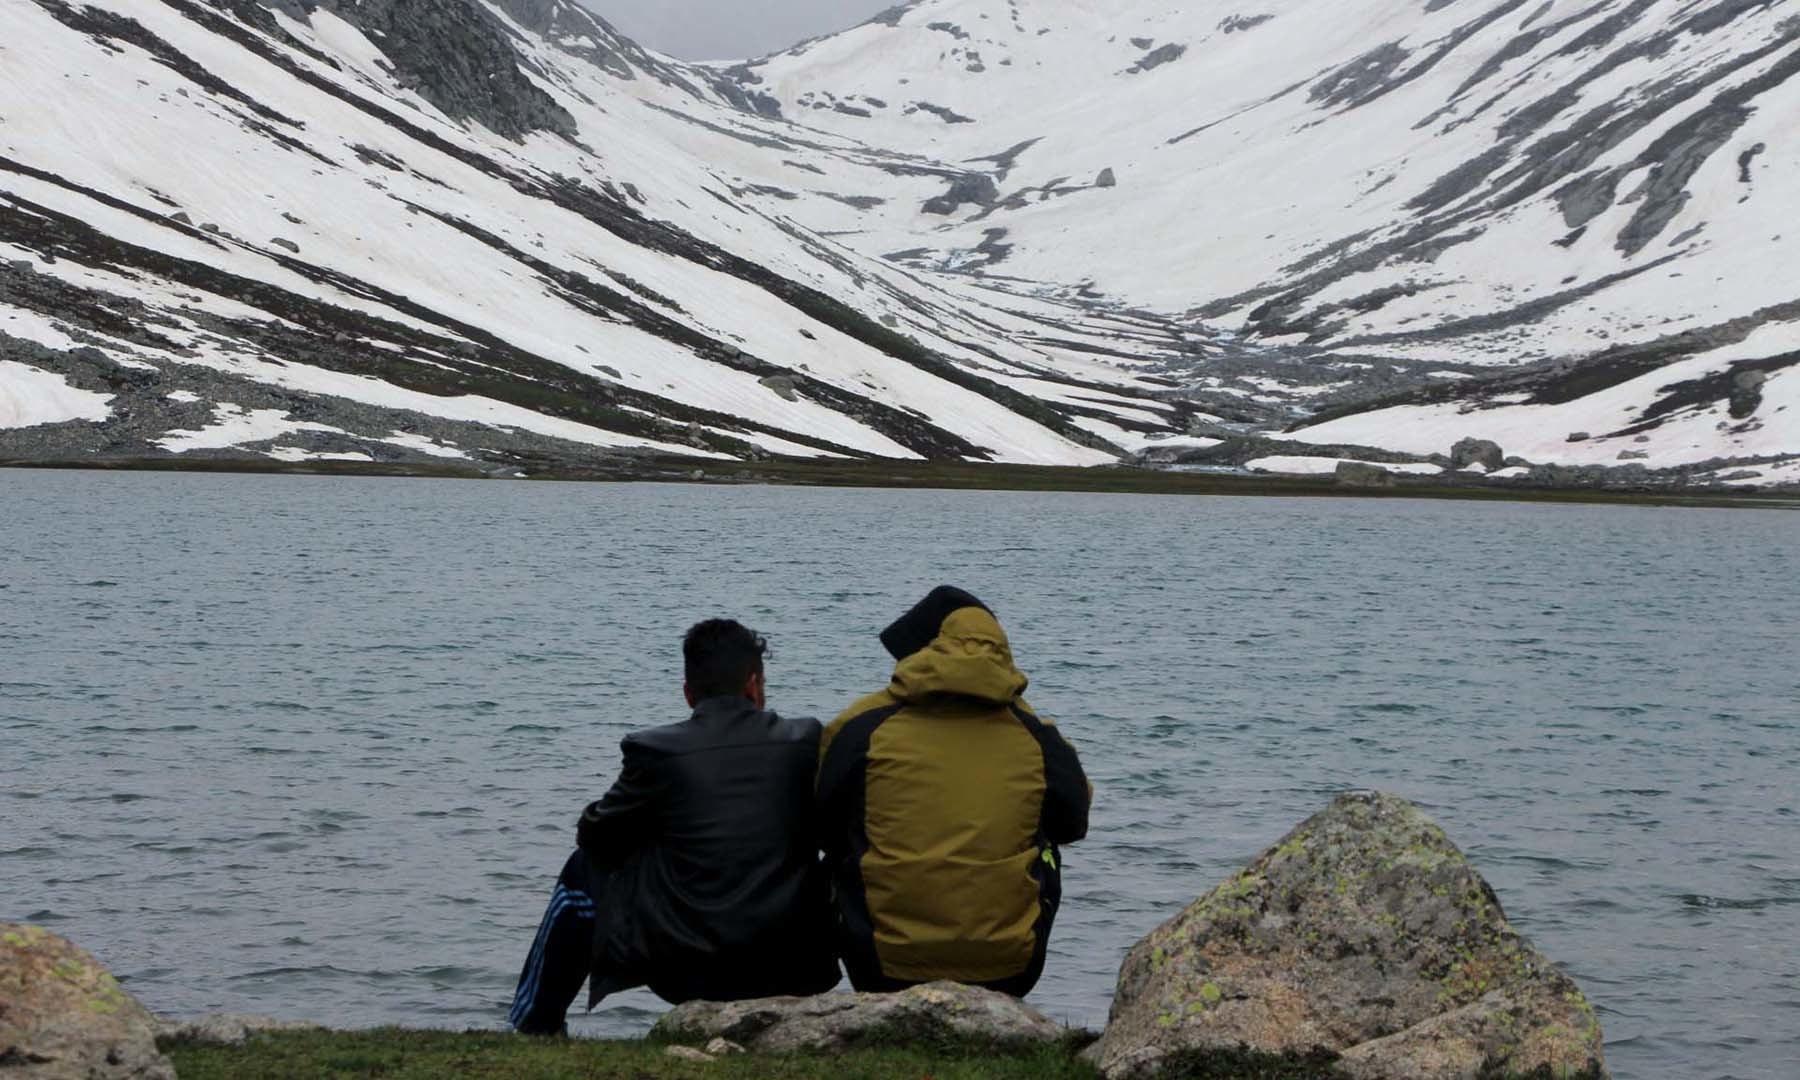 جھیل پر آئی ہوئی ایک ٹیم کے 2 ممبر جھیل کے قریب بیٹھے محوِ گفتگو ہیں—امجد علی سحابؔ